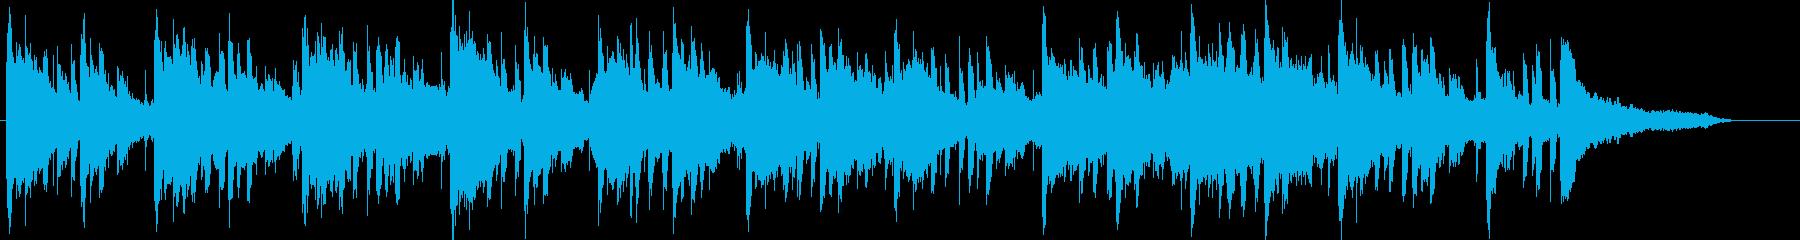 夜をイメージしたヒーリングミュージックの再生済みの波形